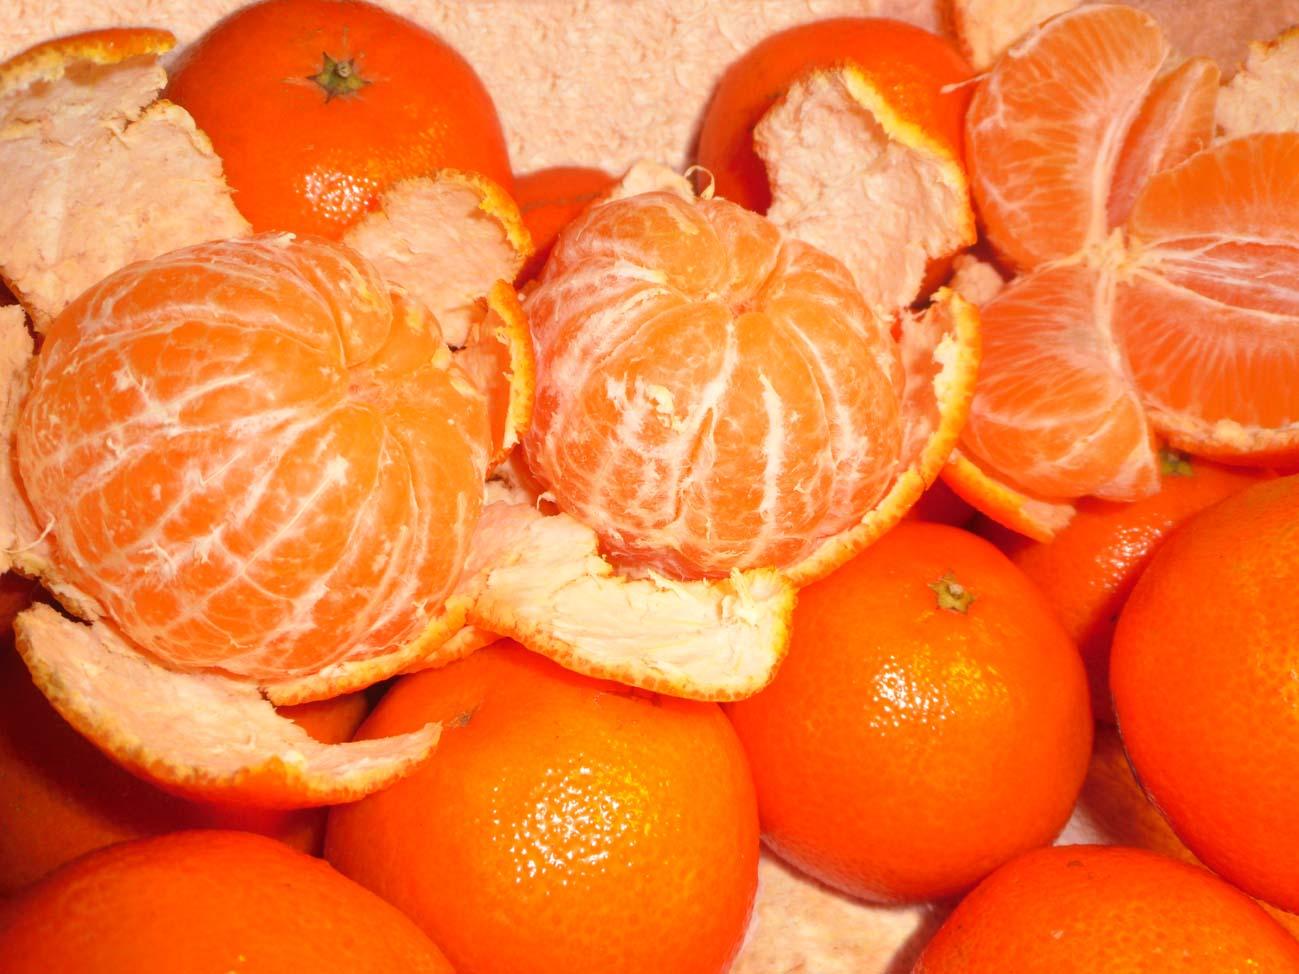 mandarin-risunok13.jpg